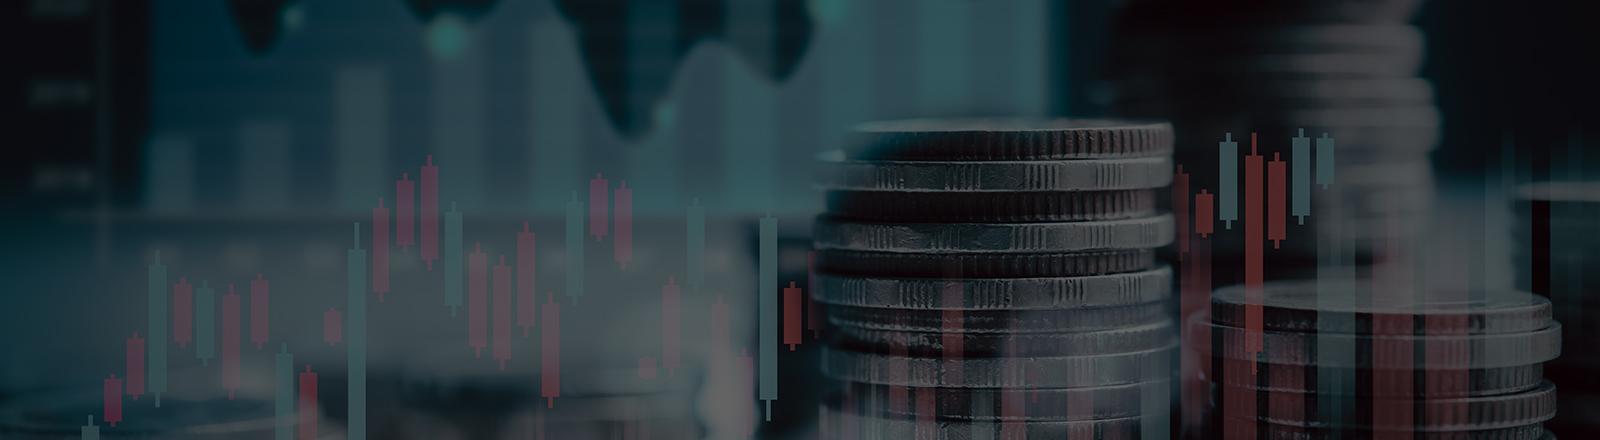 Alternative data steadily  building momentum  in lending